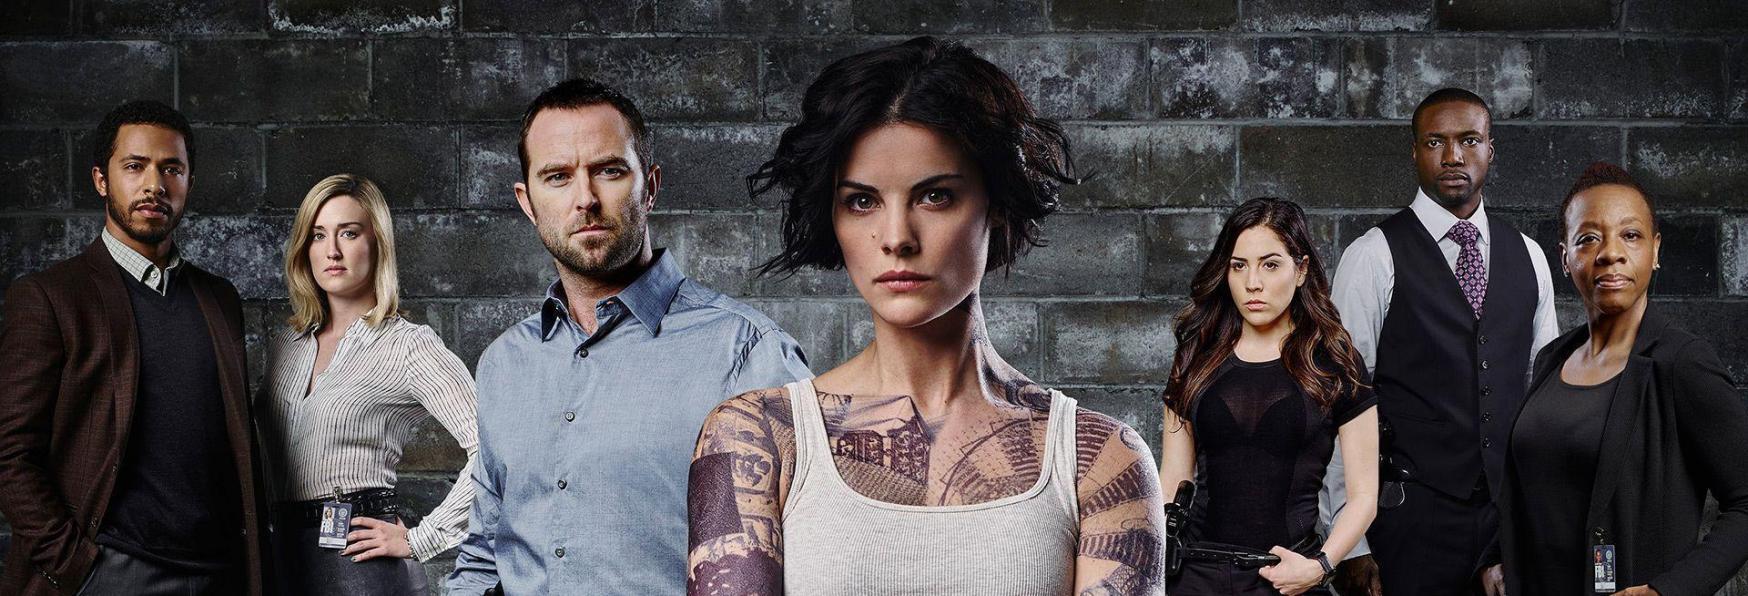 Blindspot 5: la Data di Uscita dell'Ultima Stagione della Serie TV targata NBC